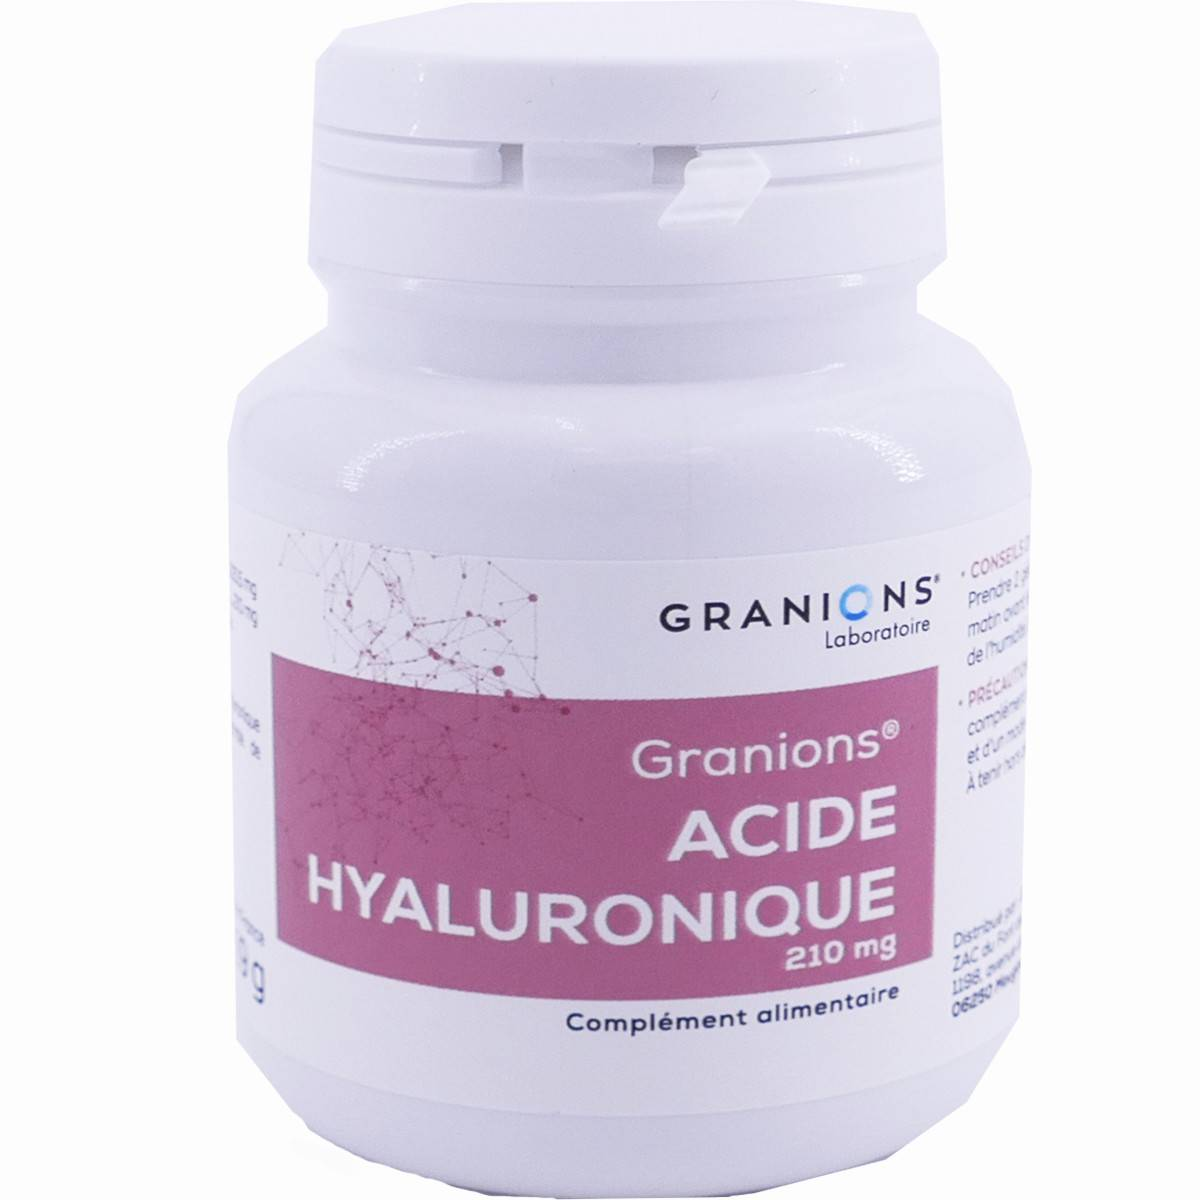 Granions acide hyaluronique 210mg 60 gÉlules vÉgÉtales